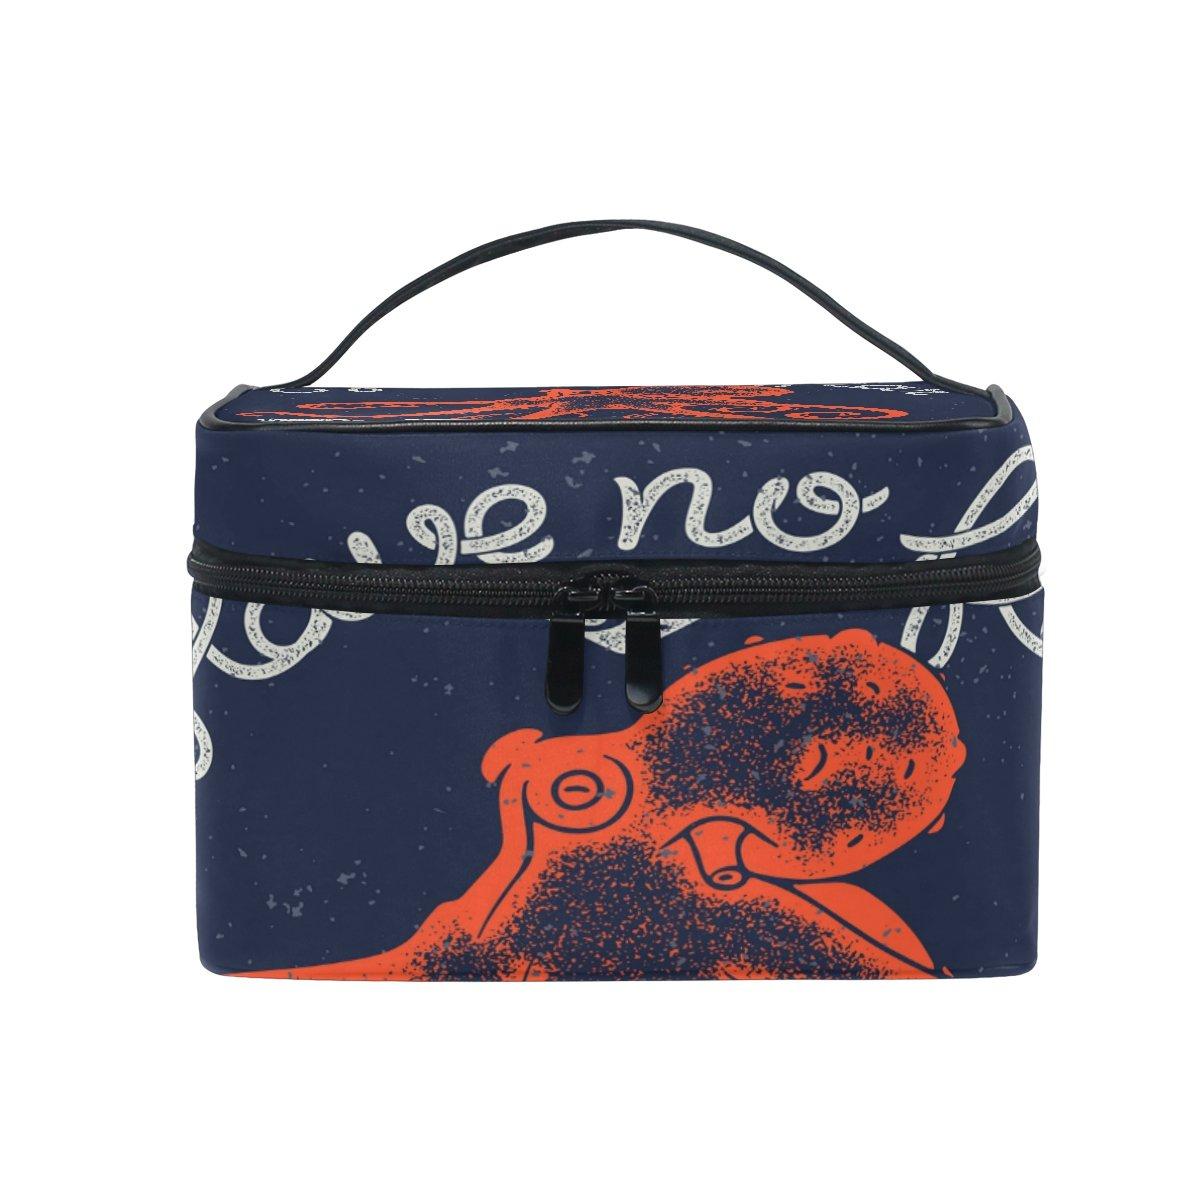 3df274b90d5f Amazon.com: ALAZA Octopus Blue Cosmetic Bag Makeup toiletry Bag ...